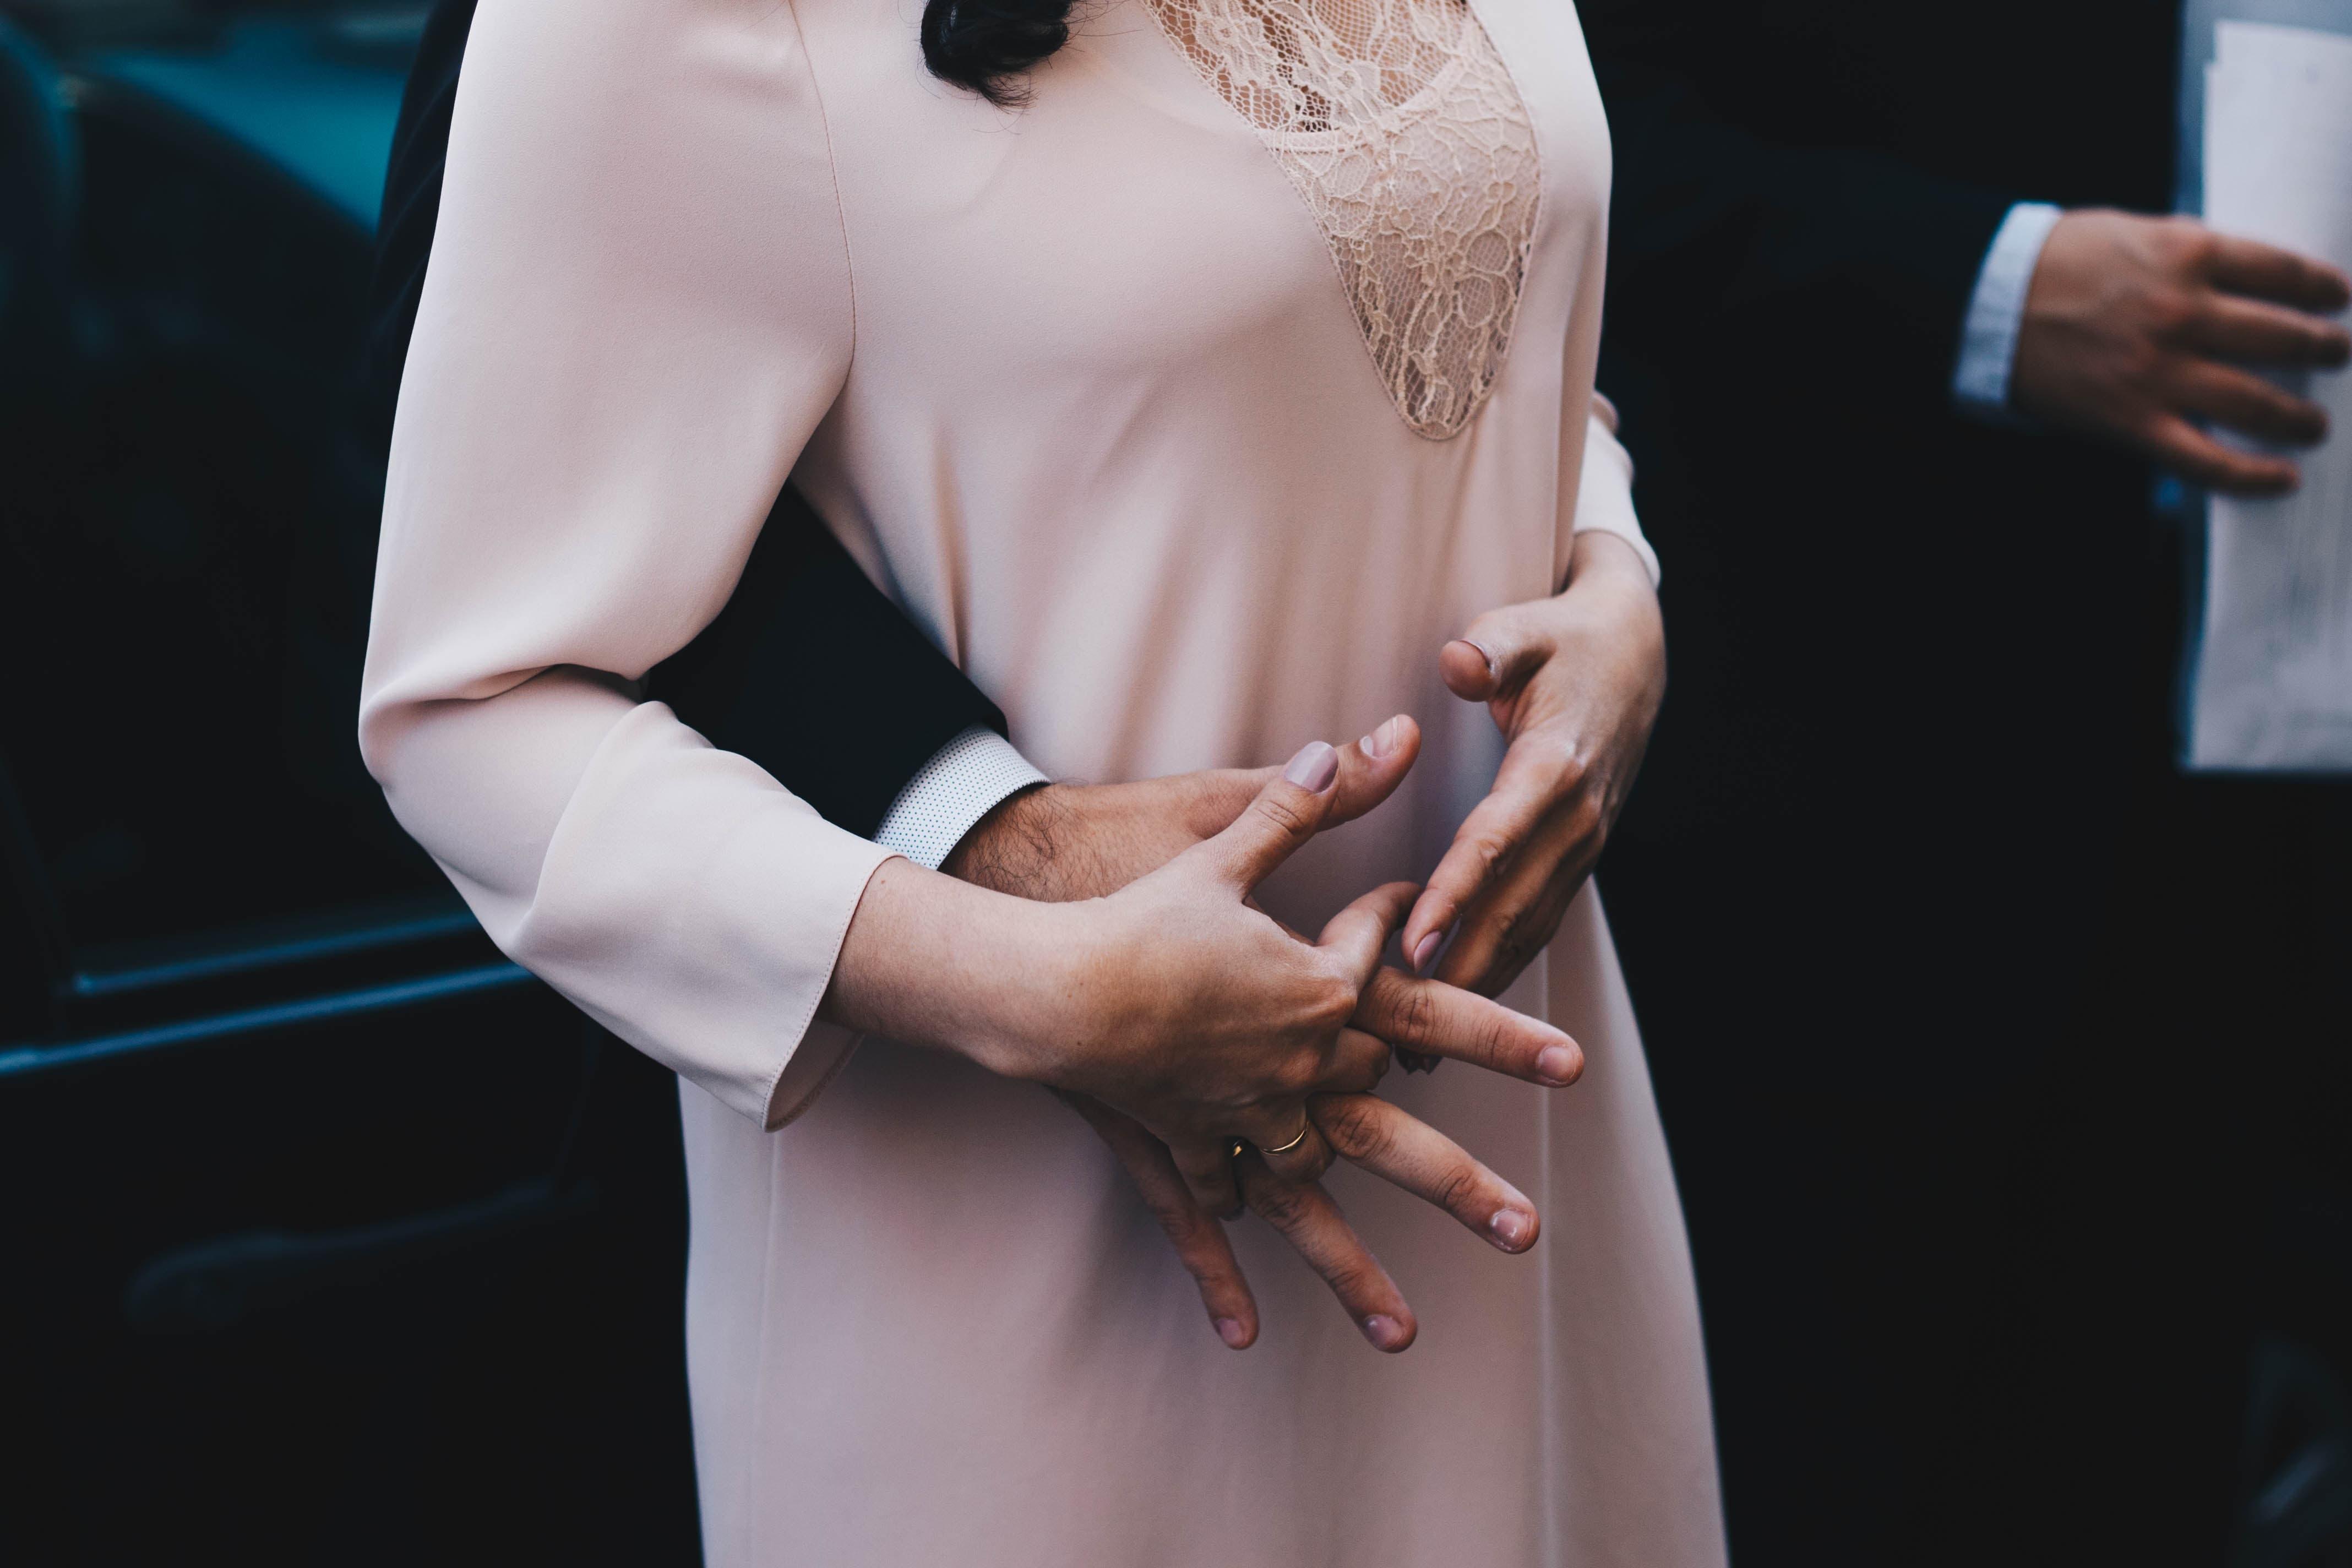 腹部に伸びる男性の手を上から握る女性の画像